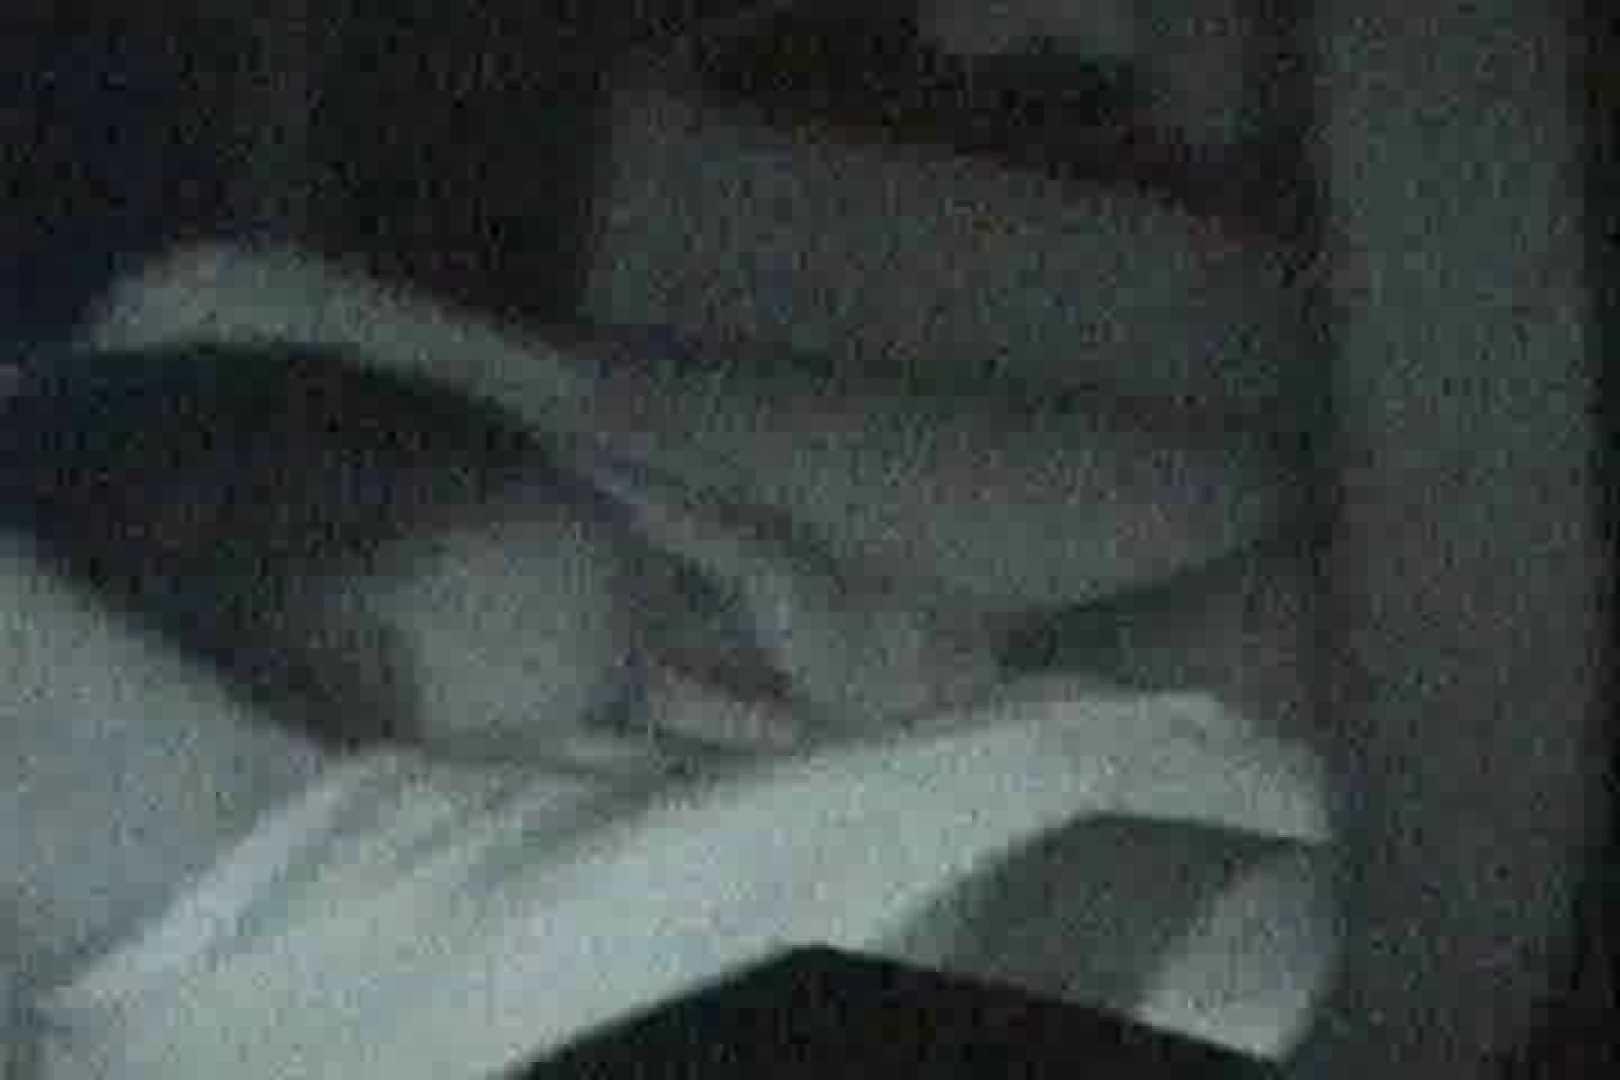 充血監督の深夜の運動会Vol.14 カップル オマンコ動画キャプチャ 103画像 23